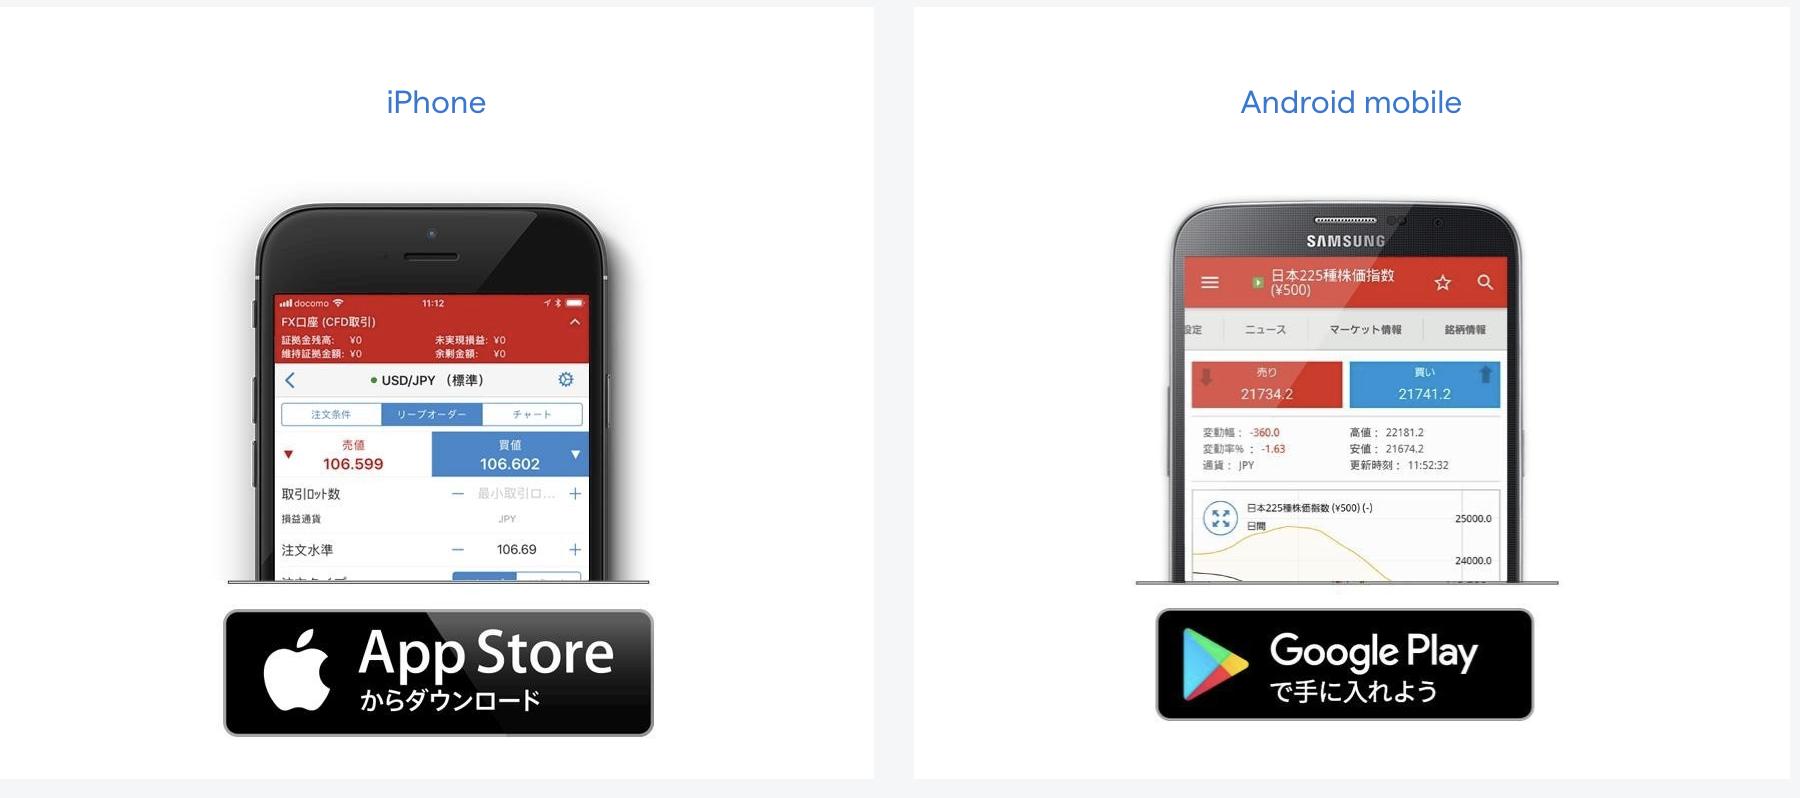 ig証券 アプリ